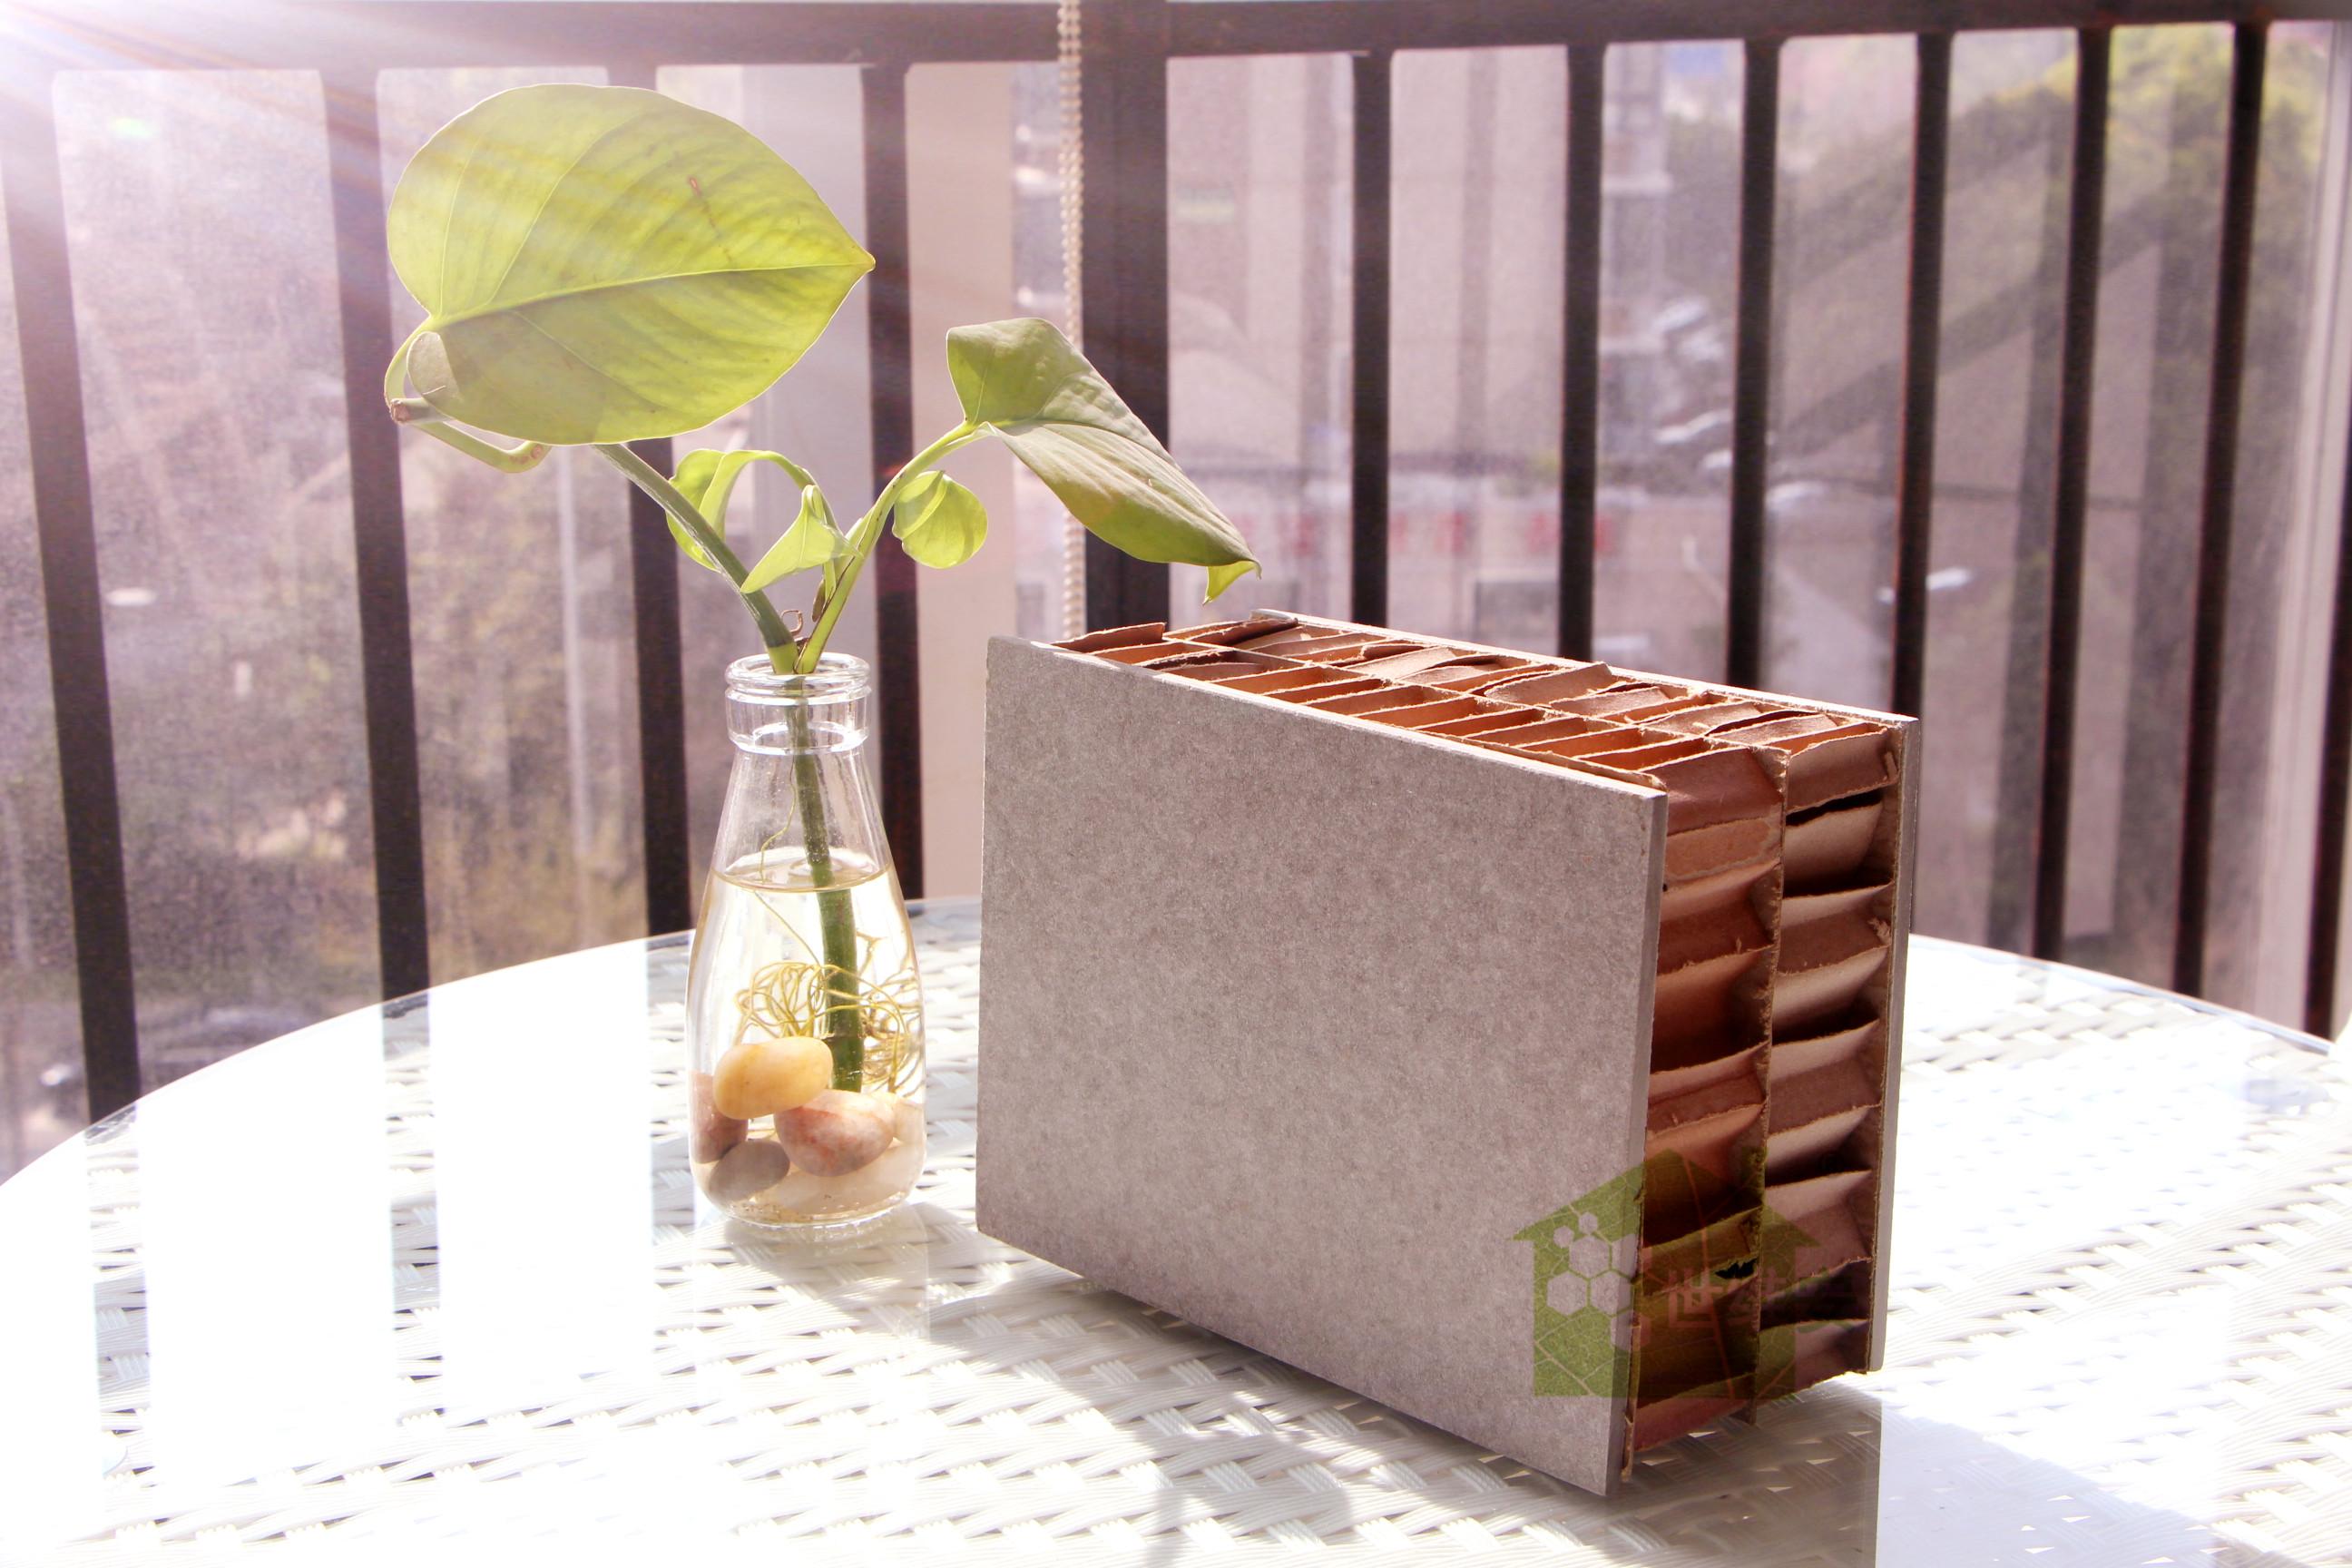 双层蜂窝板环保墙板 新型轻质墙  蜂窝复合板 轻质蜂窝复合墙体_宁波世维安建筑材料有限公司